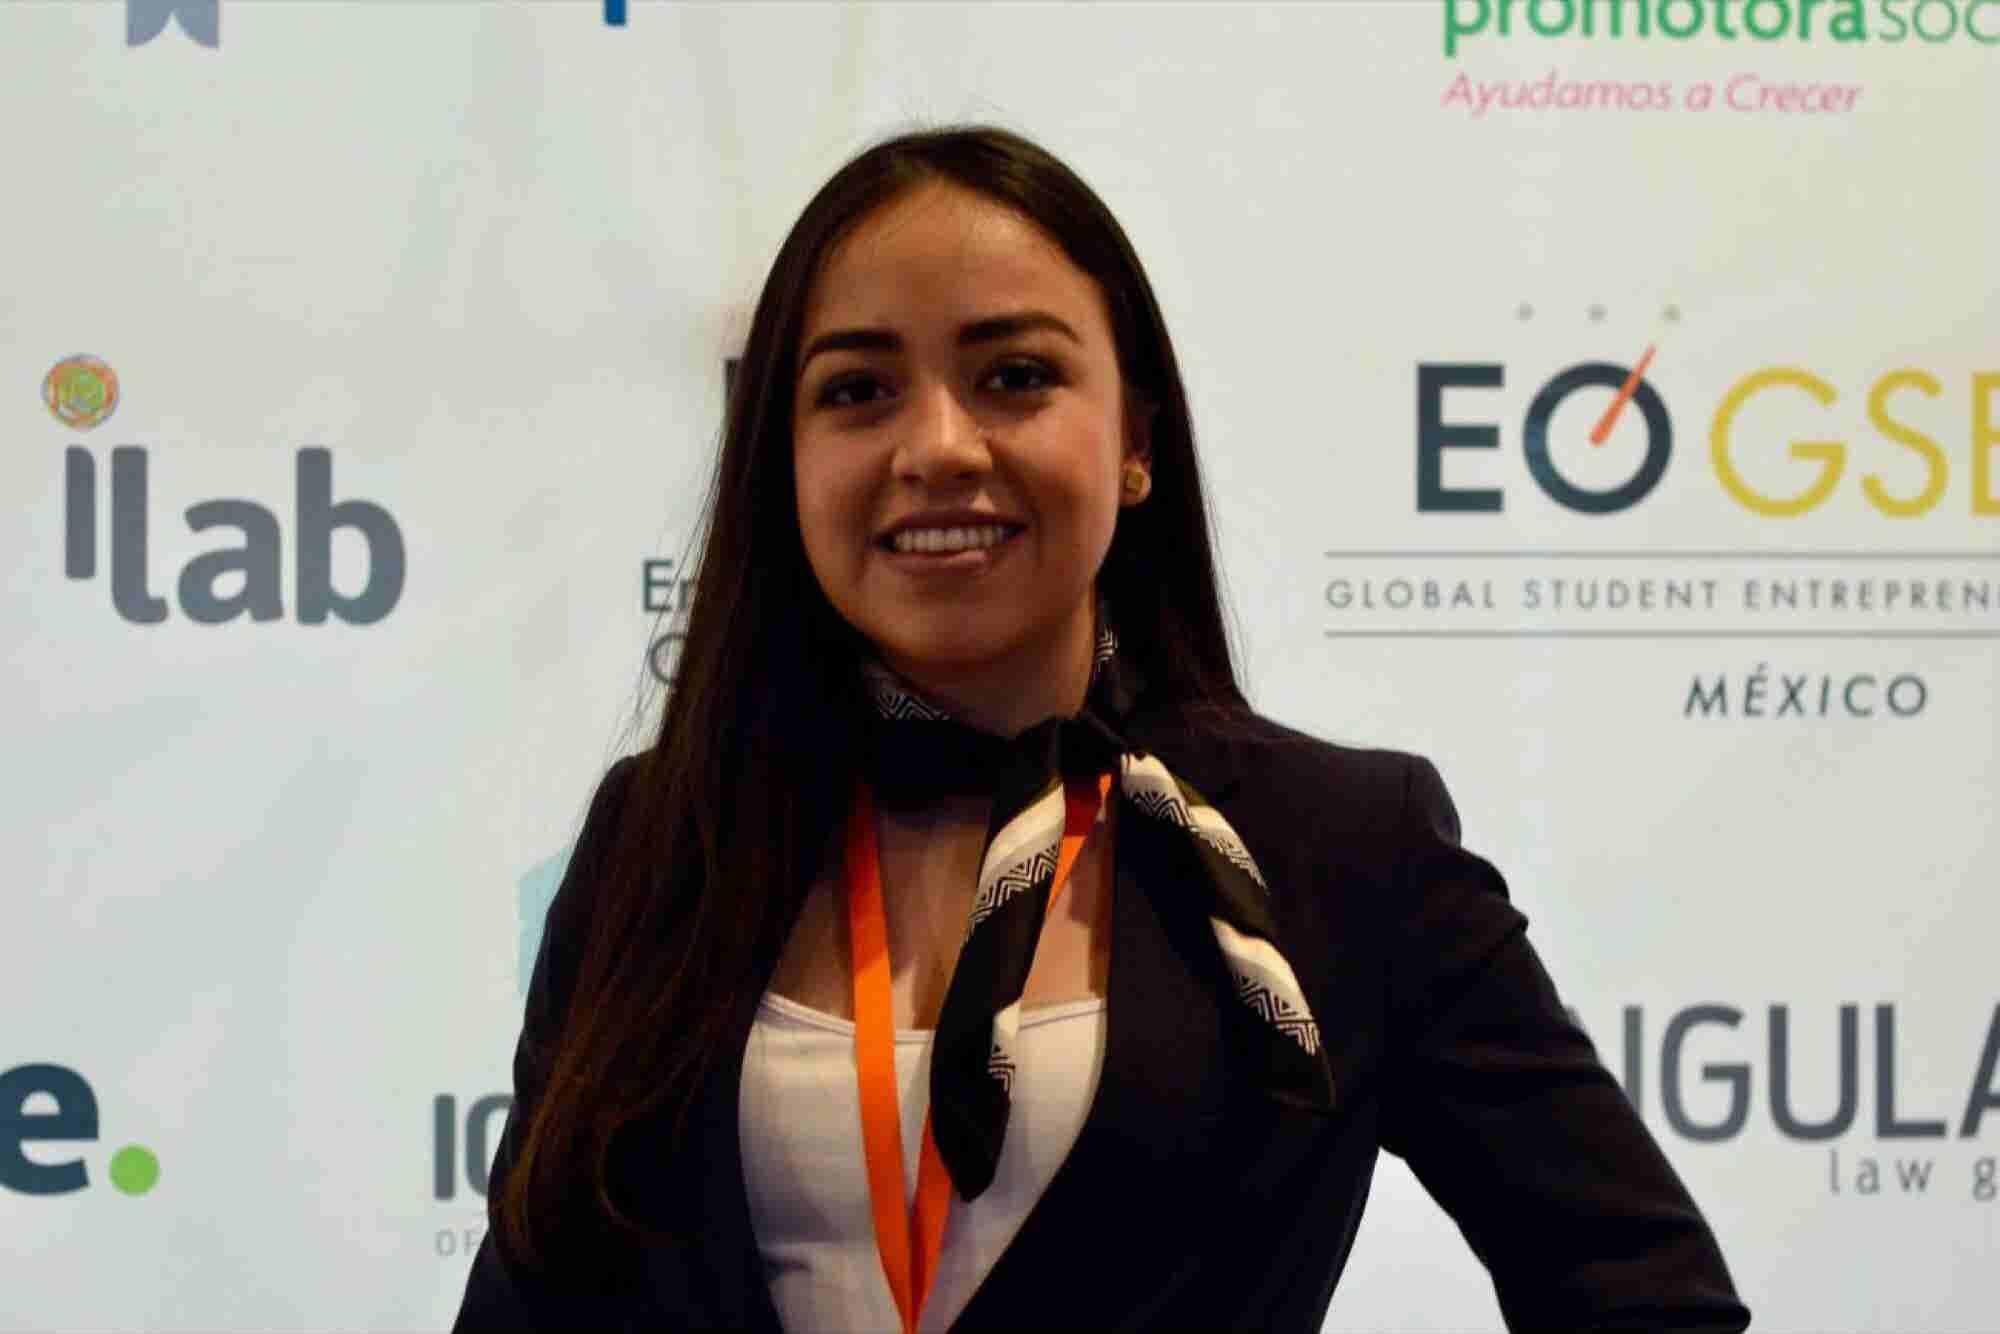 La mejor estudiante emprendedora de México hace plástico con residuos de naranjas